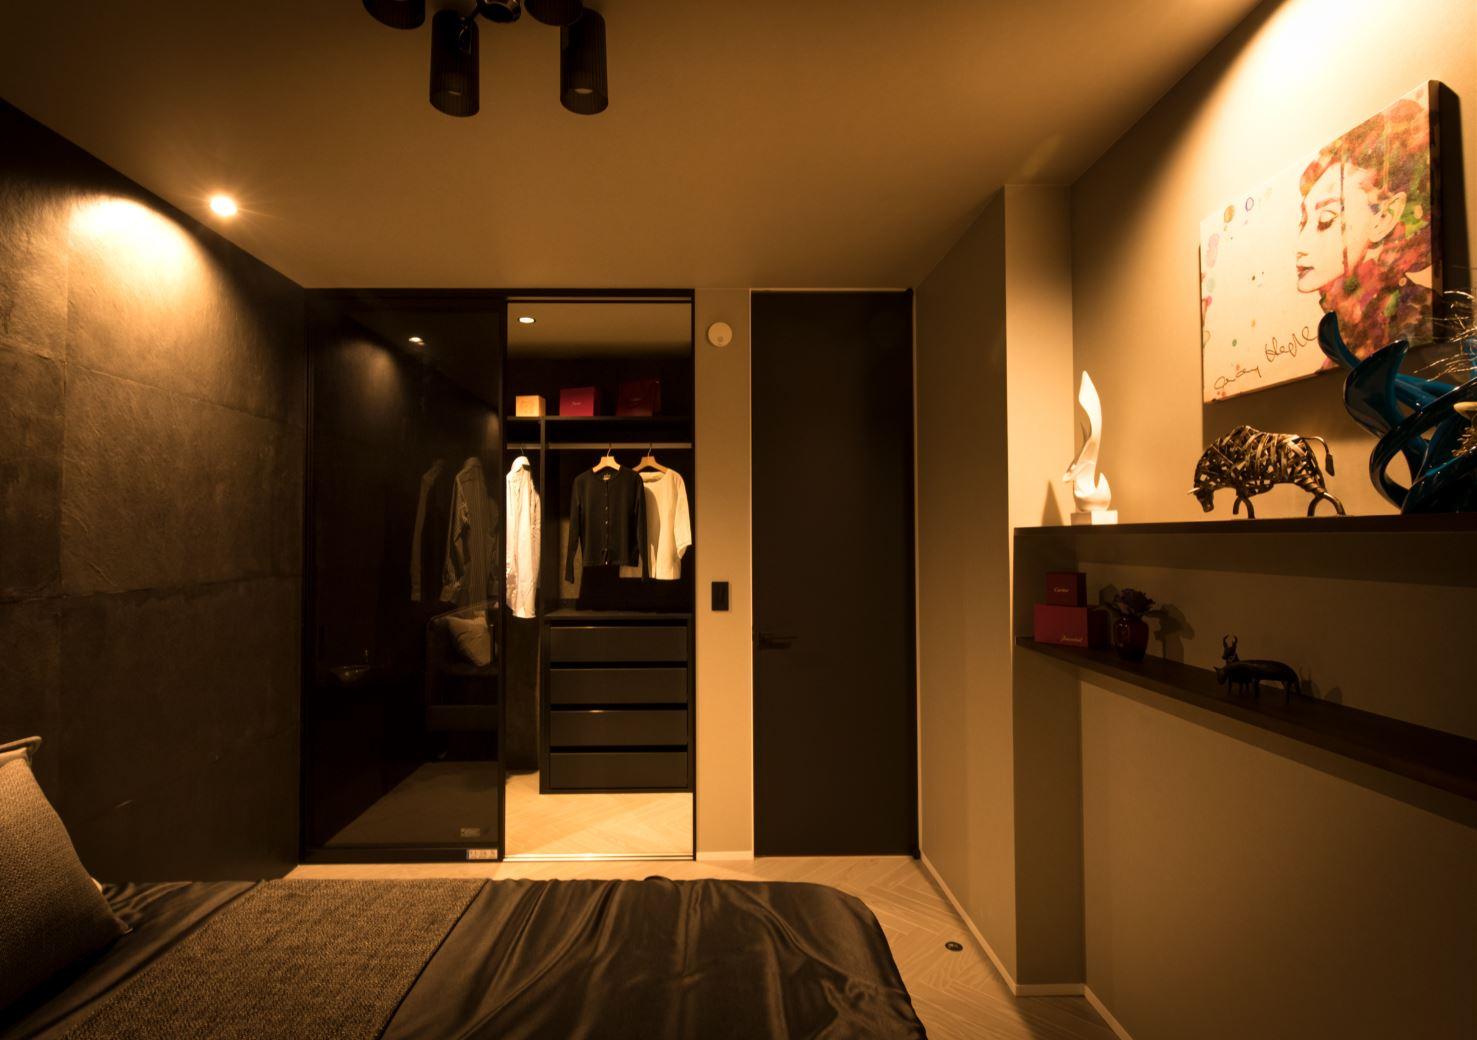 REIWA HOUSE(令和ハウス)【浜松市中区葵西2-18-21・モデルハウス】暮らしのオアシスとなるベッドルーム